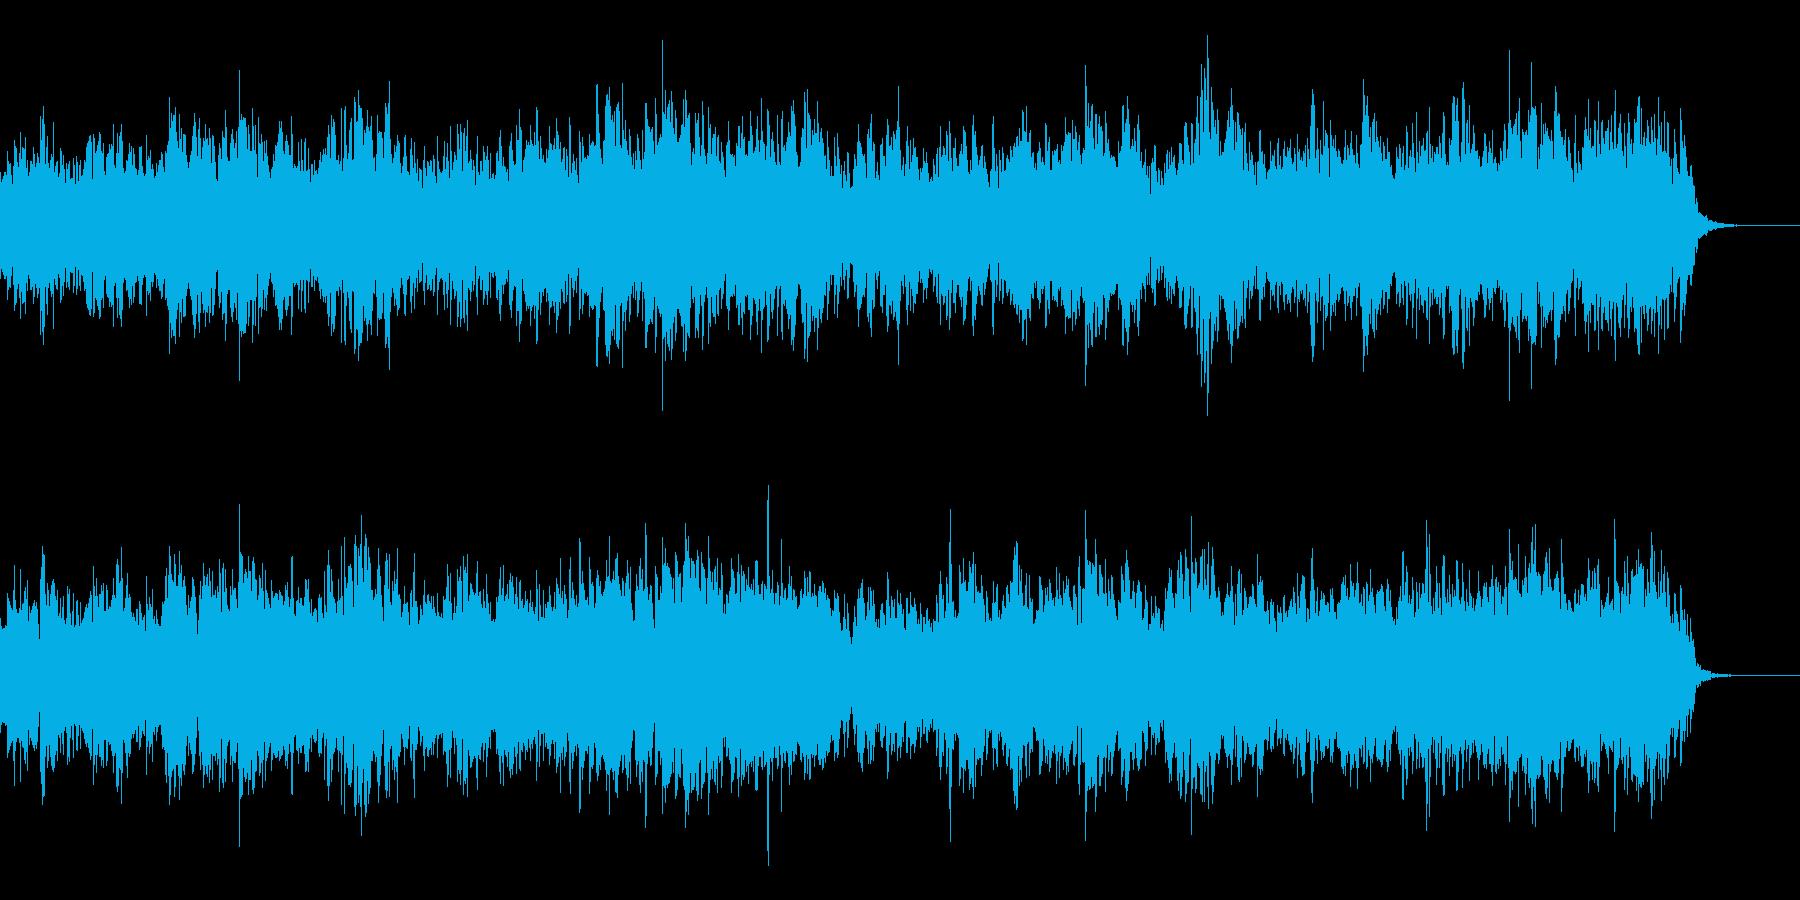 ほのぼのしたオープニングの再生済みの波形